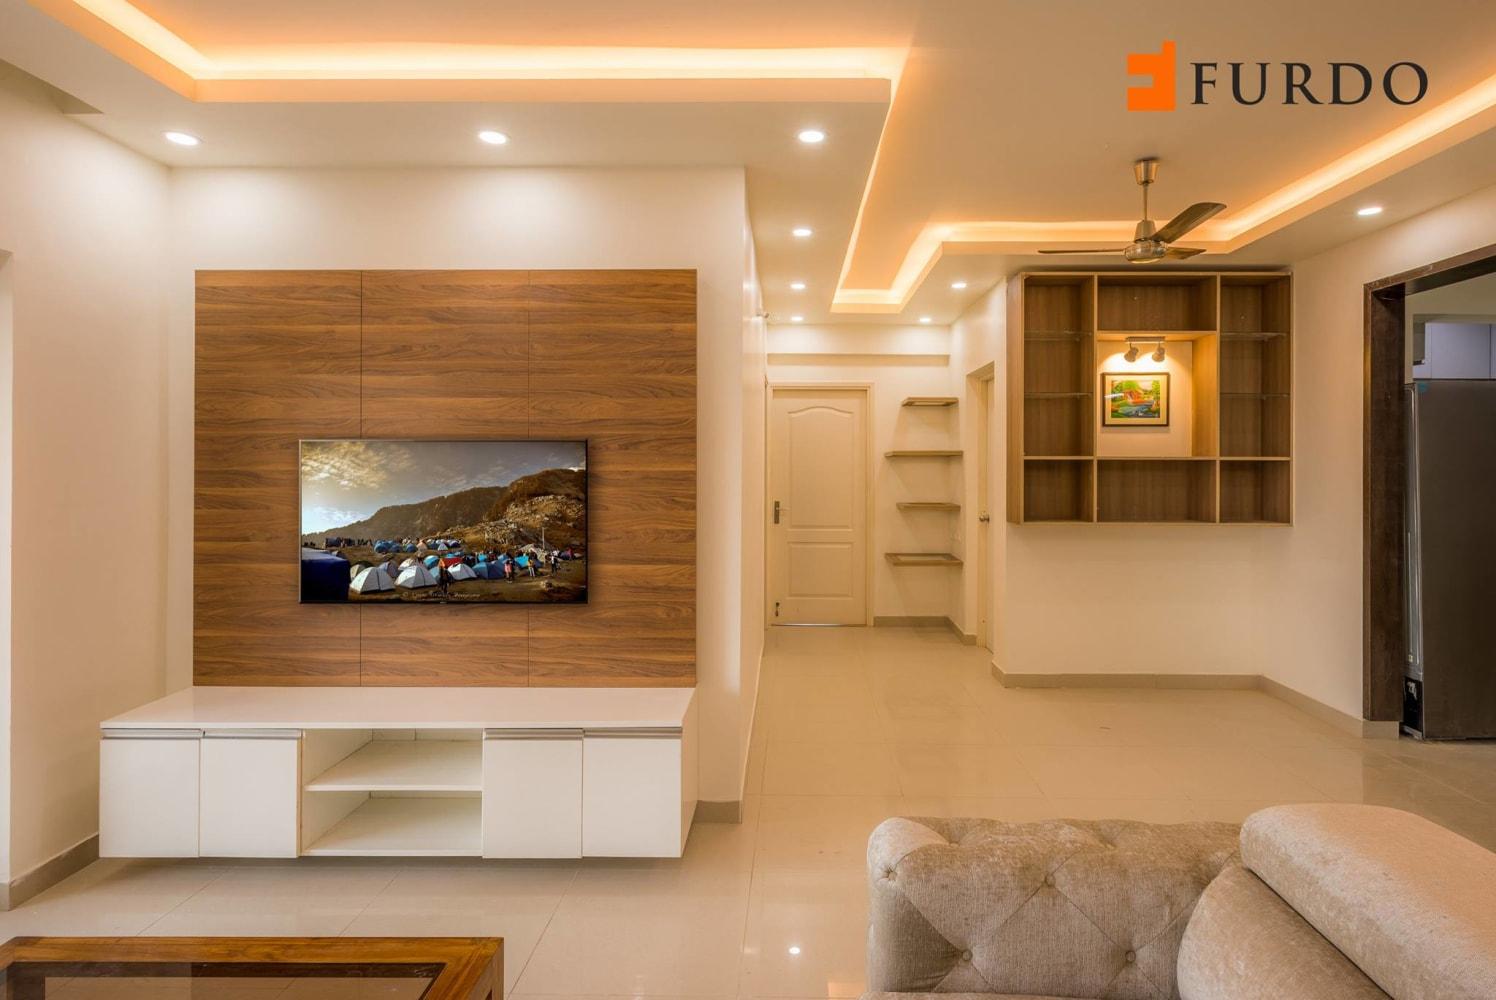 Living Room With Marble Flooring and false ceiling by Furdo.com Living-room Contemporary | Interior Design Photos & Ideas